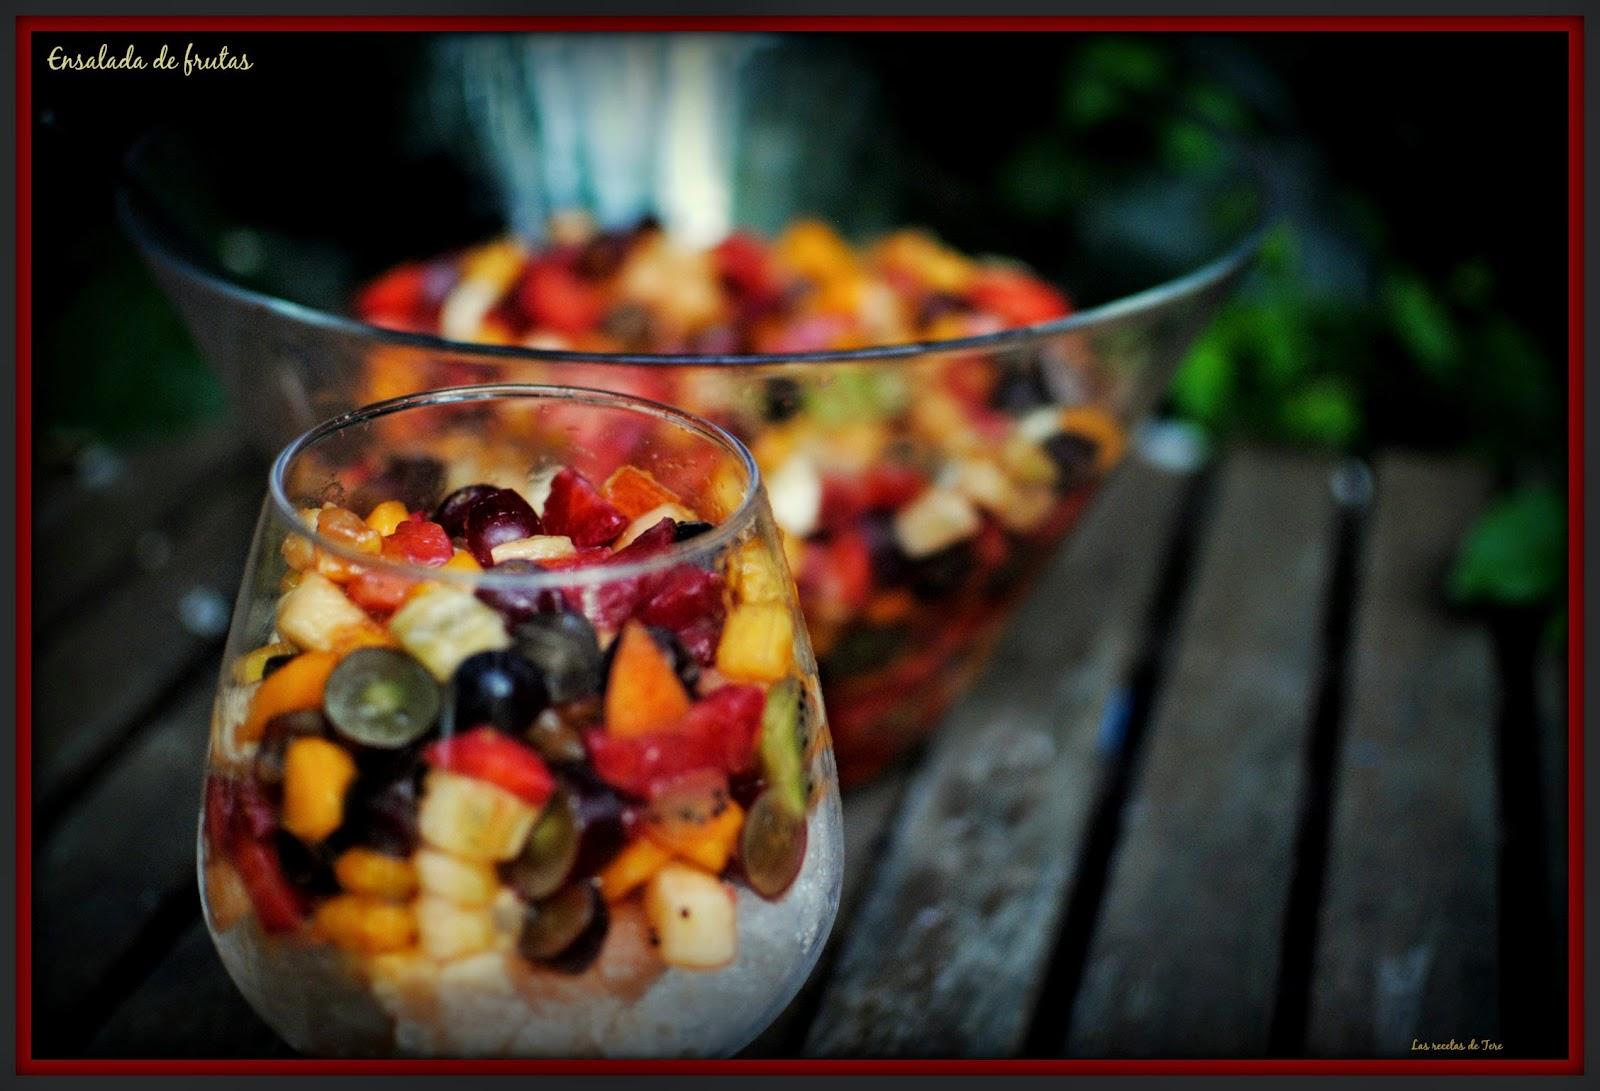 exquisita ensalada de frutas tererecetas 03